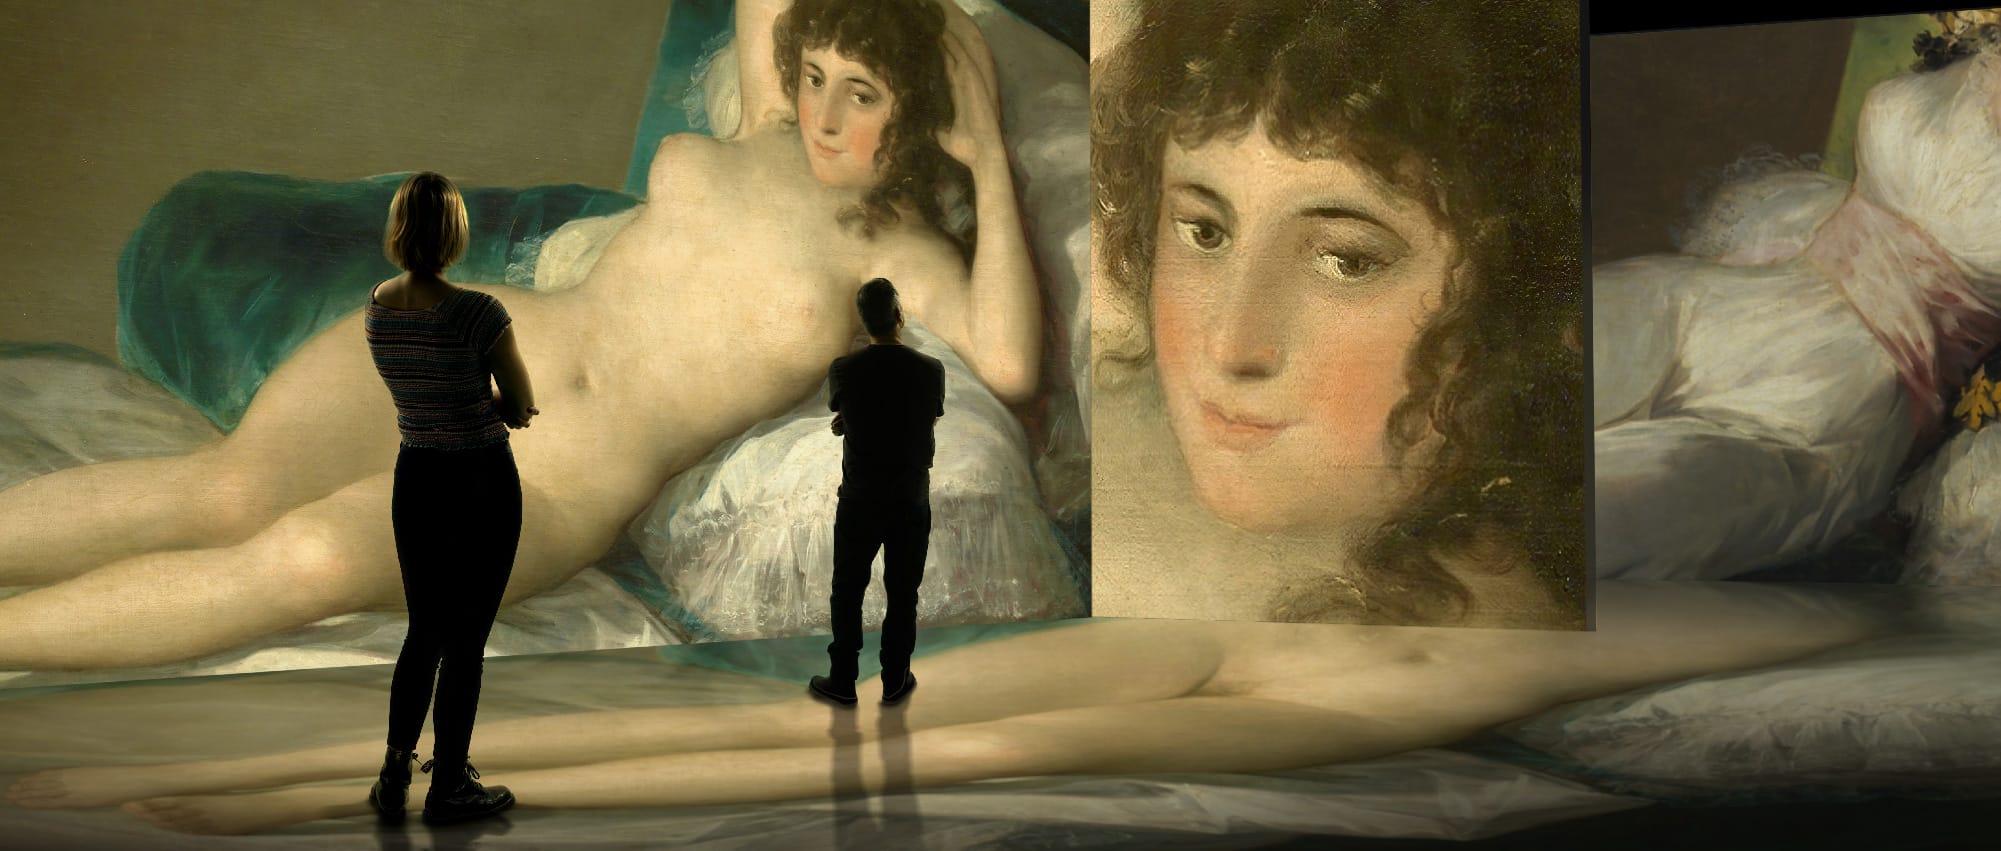 La maja desnuda en #INGOYA, experiencia inmersiva